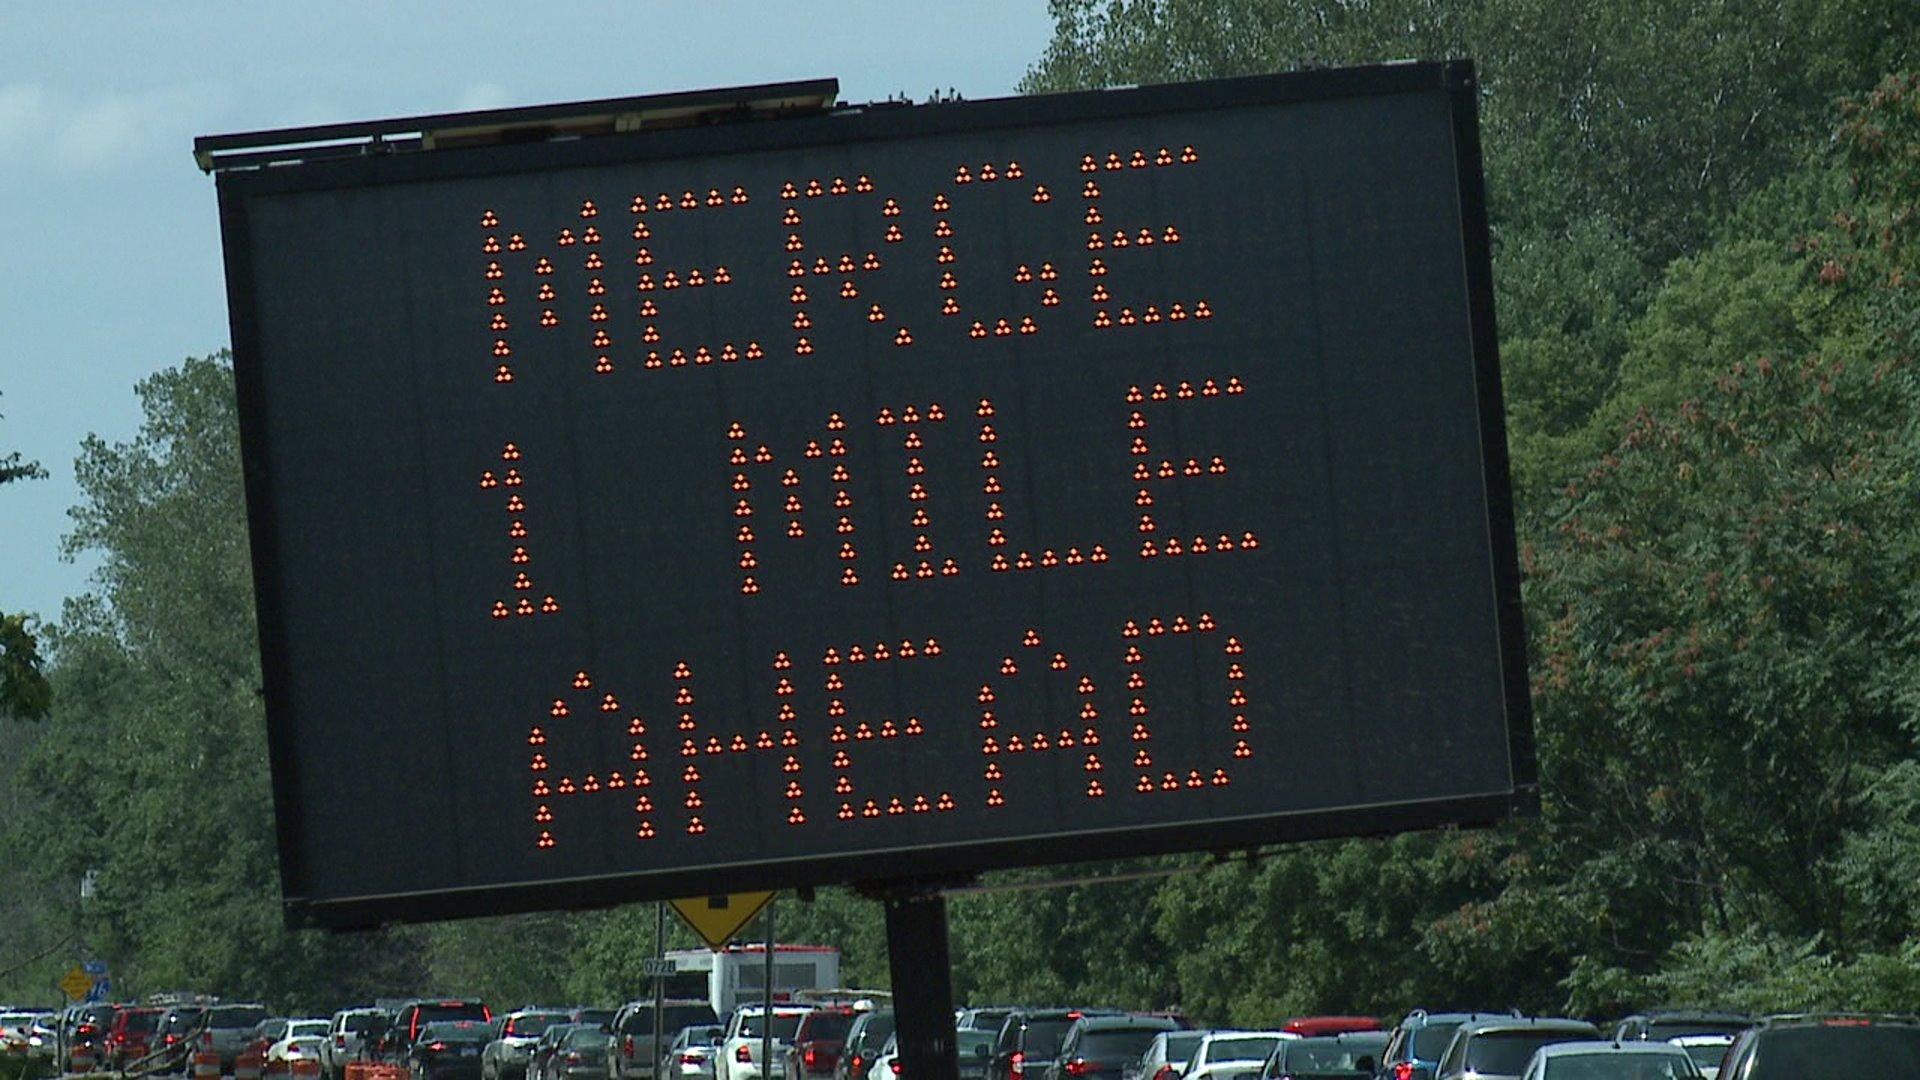 MDOT sign Merge One Mile Ahead